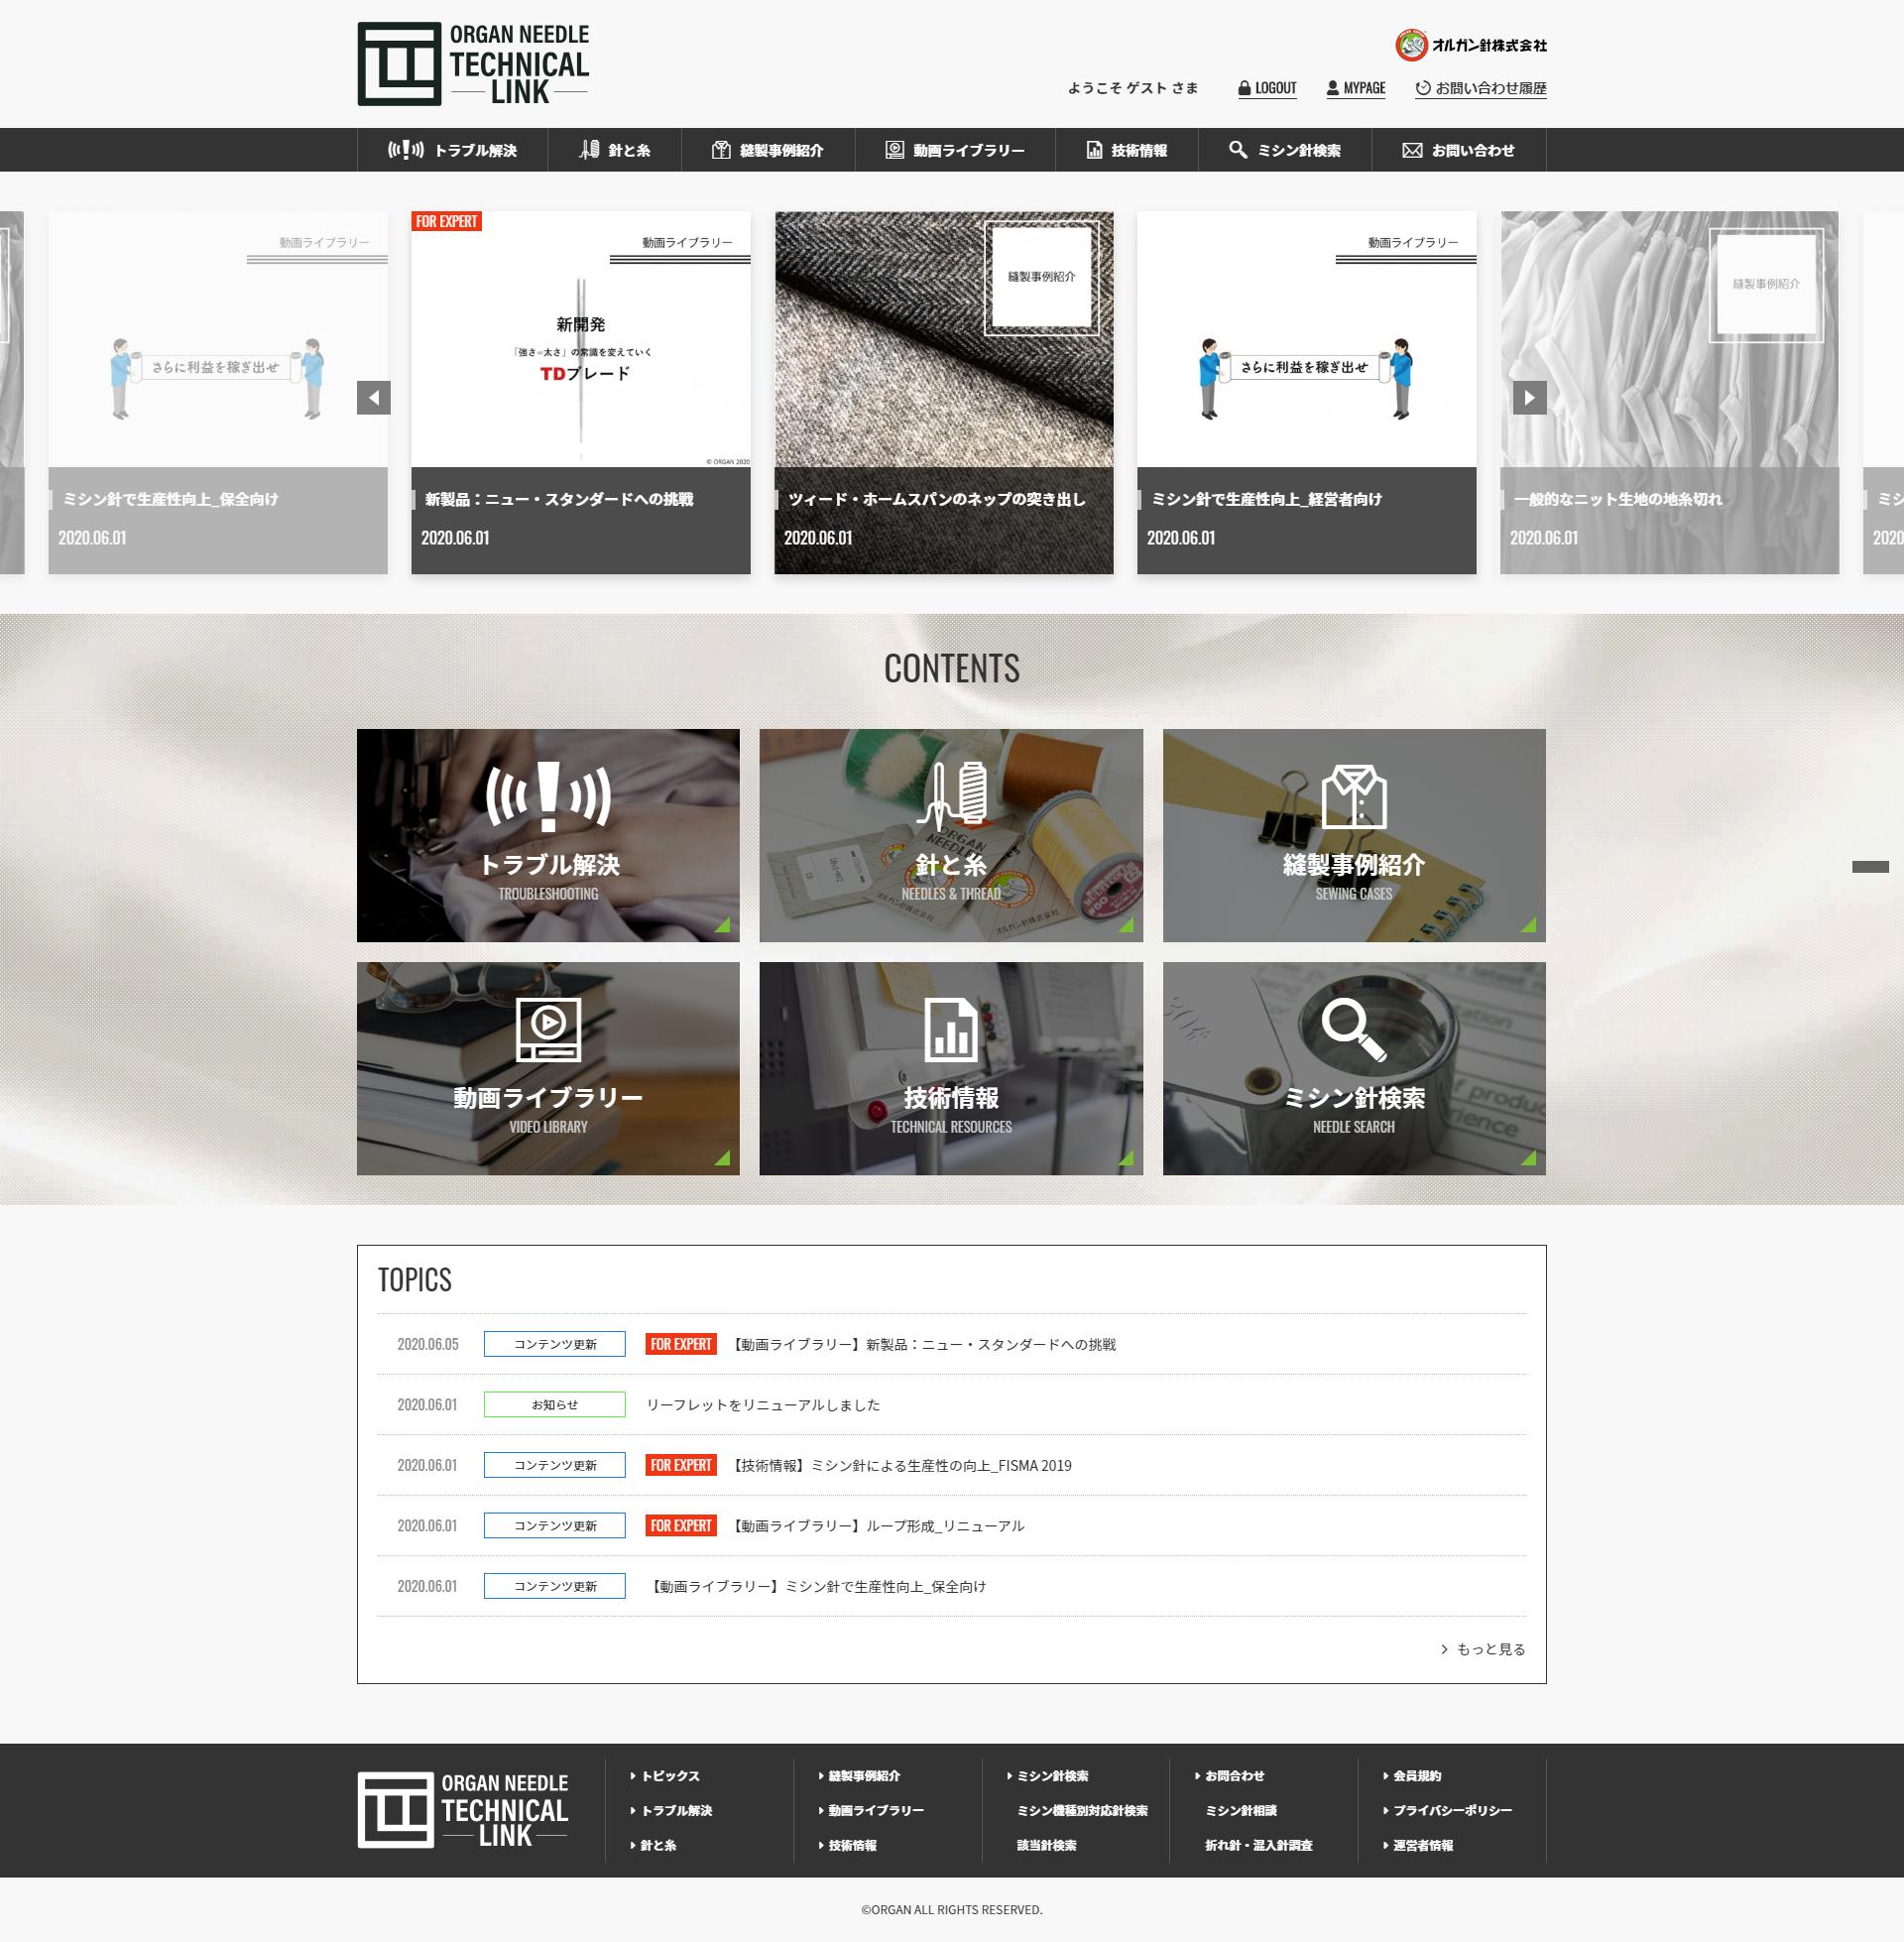 オルガン針株式会社 様 会員制縫製技術情報サイト